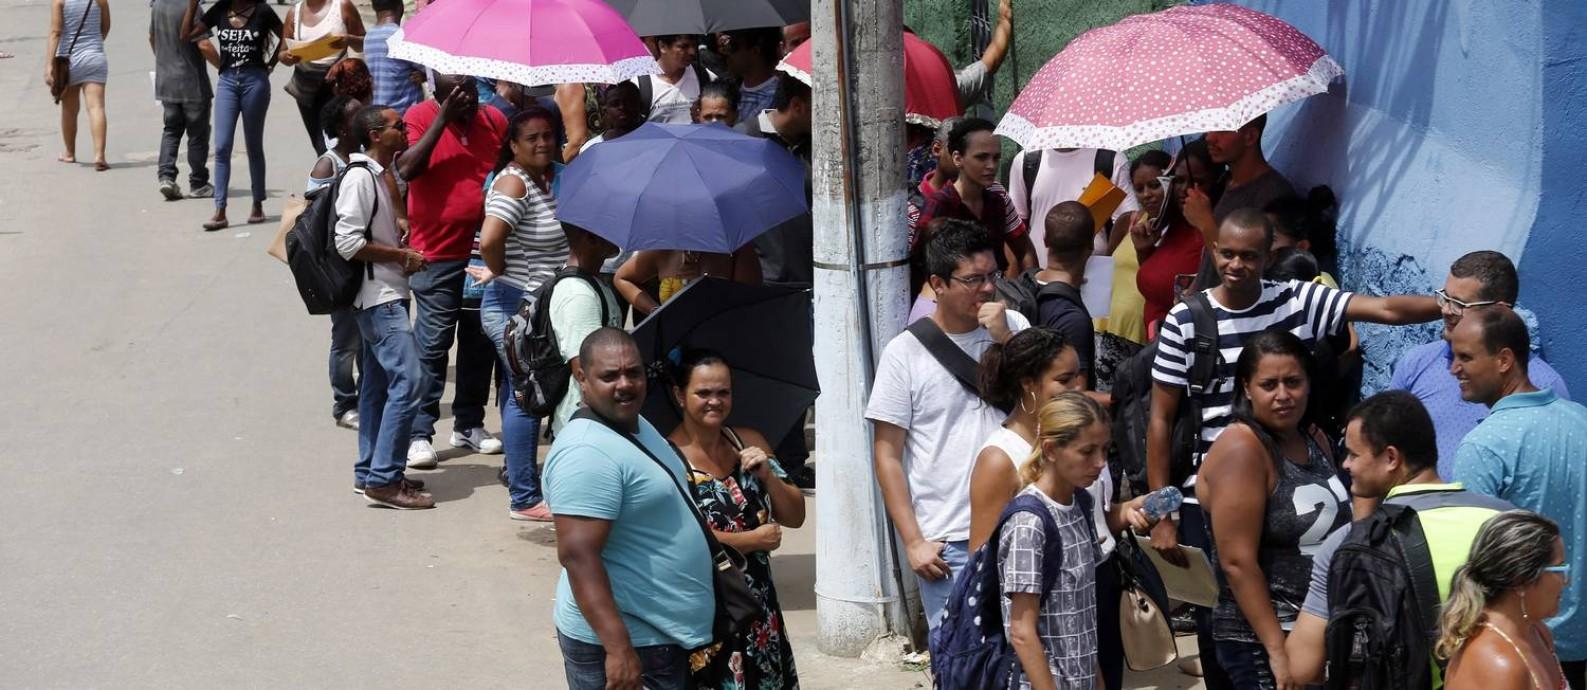 Desempregados fazem uma grande fila em busca de empregos em Realengo Foto: MARCOS DE PAULA / Agência O Globo